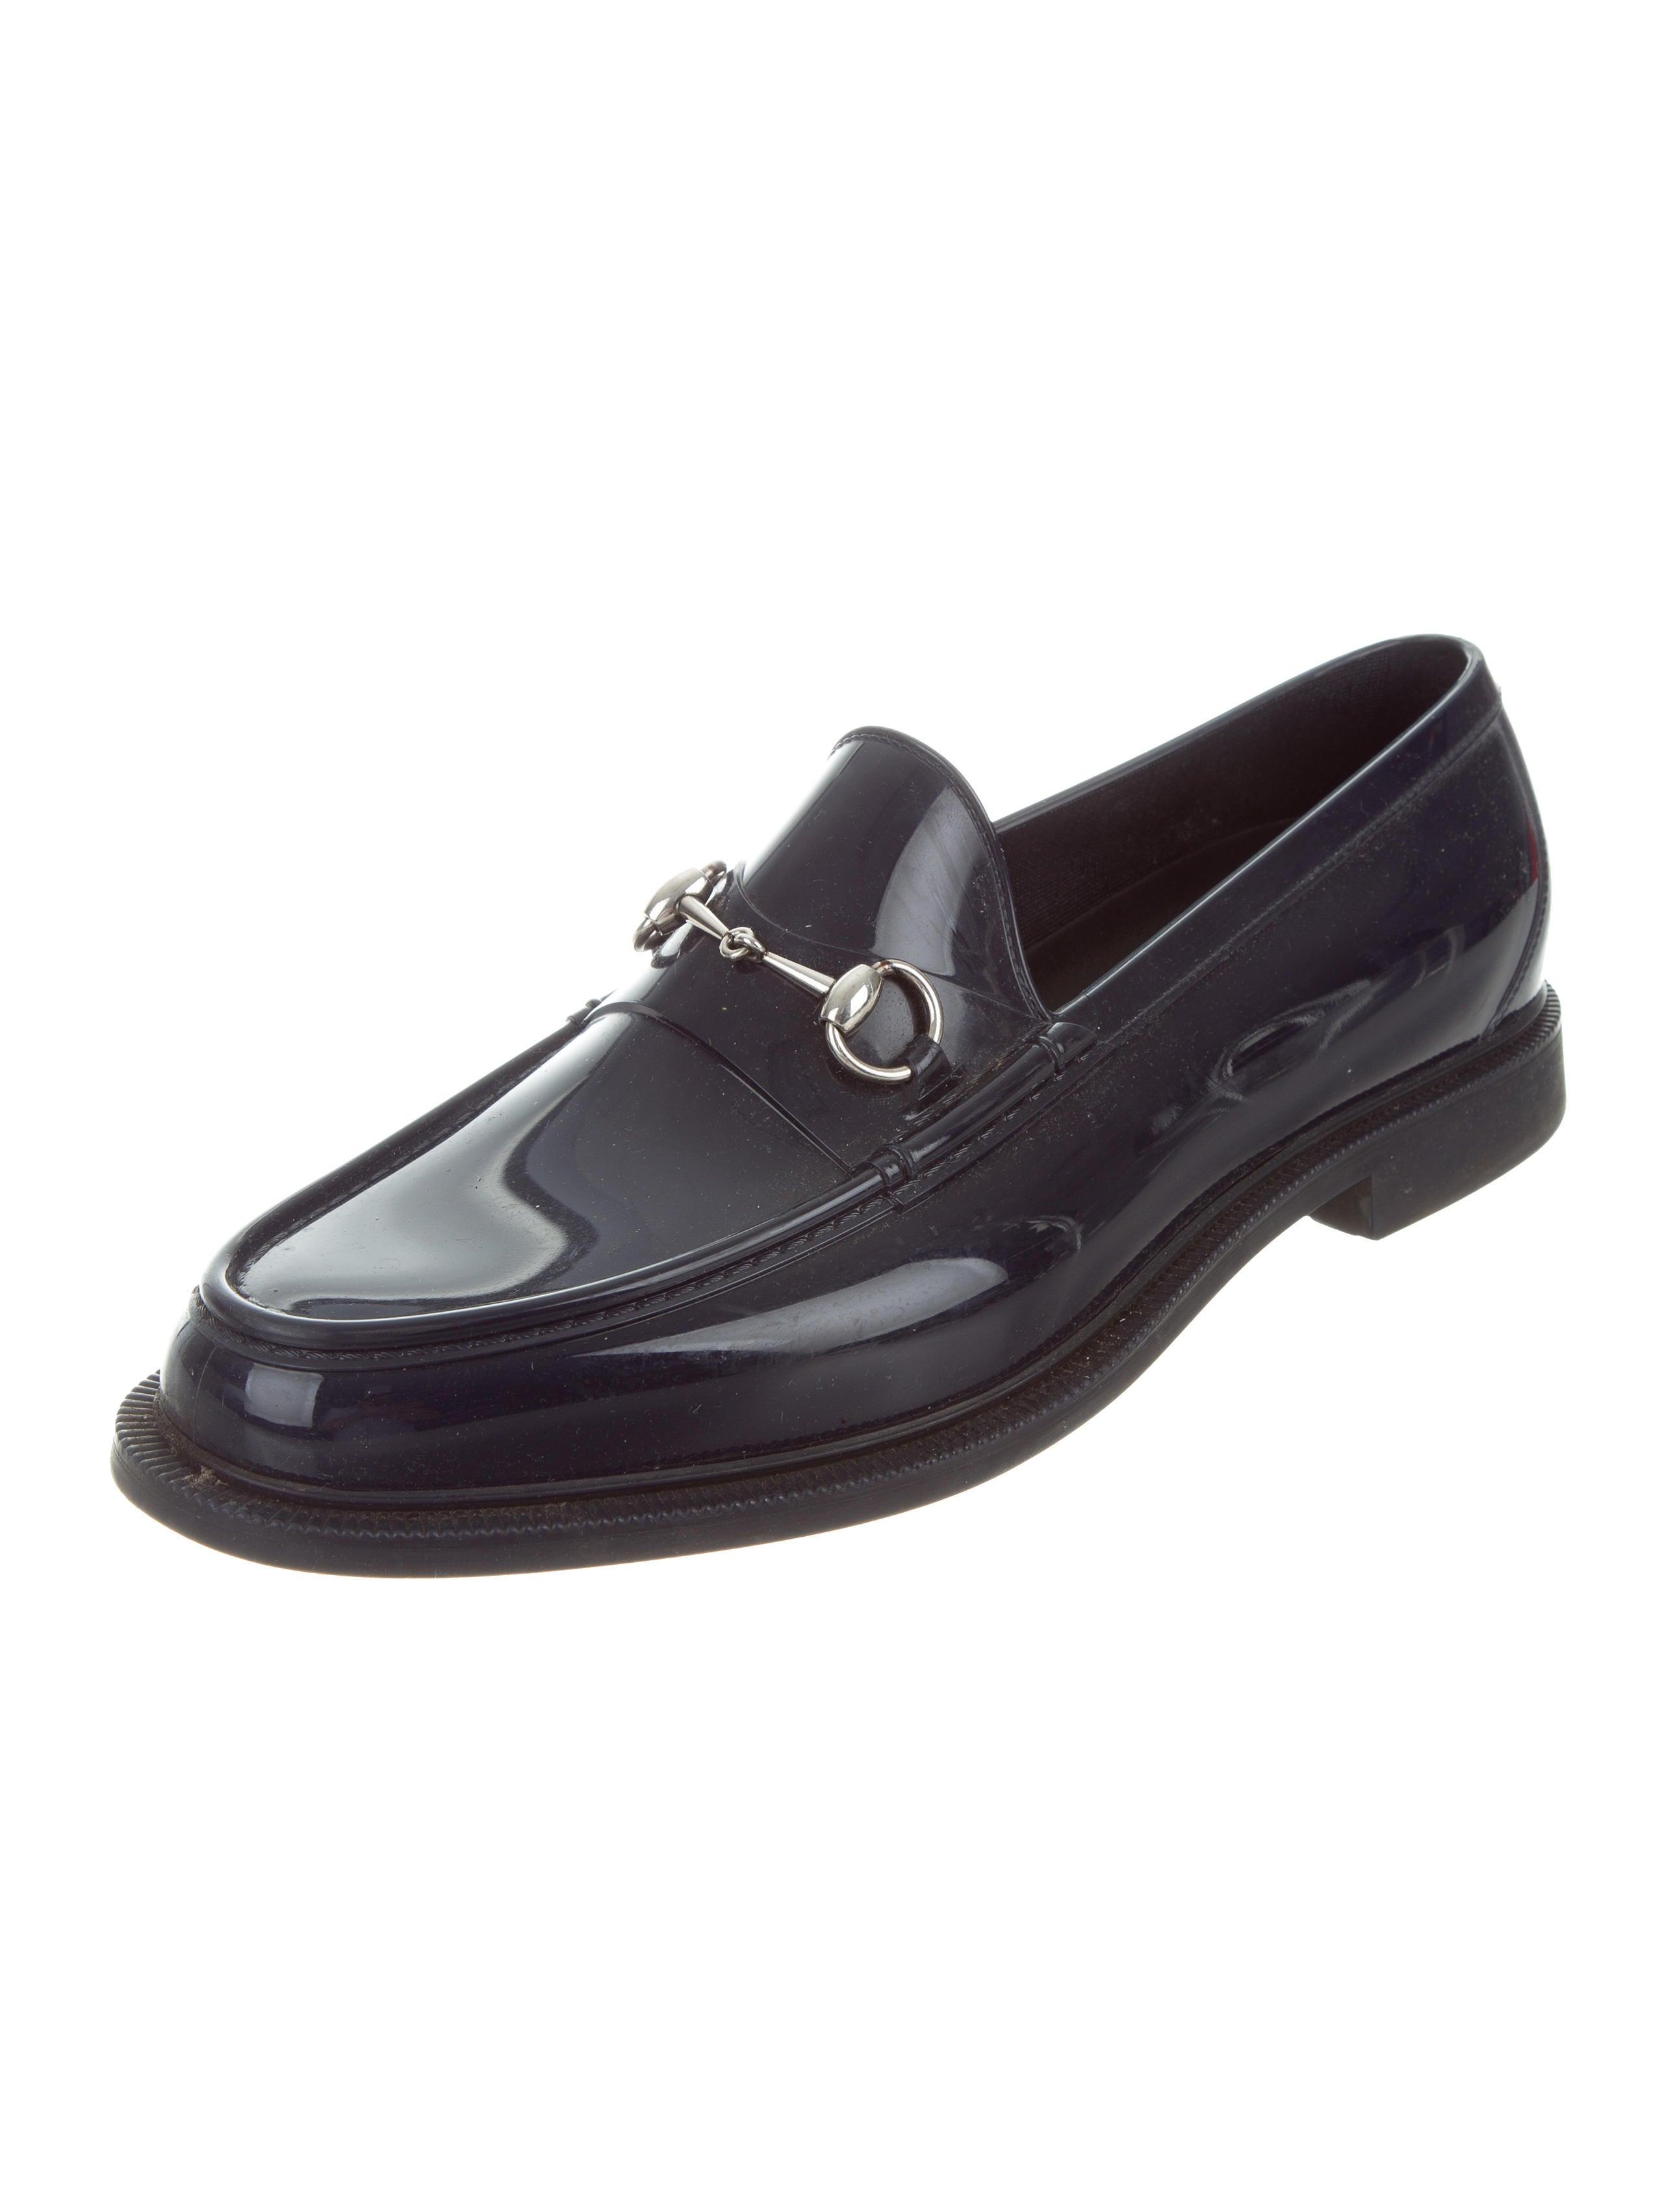 28ed1e4126b Gucci Mens Bit Loafers Sale